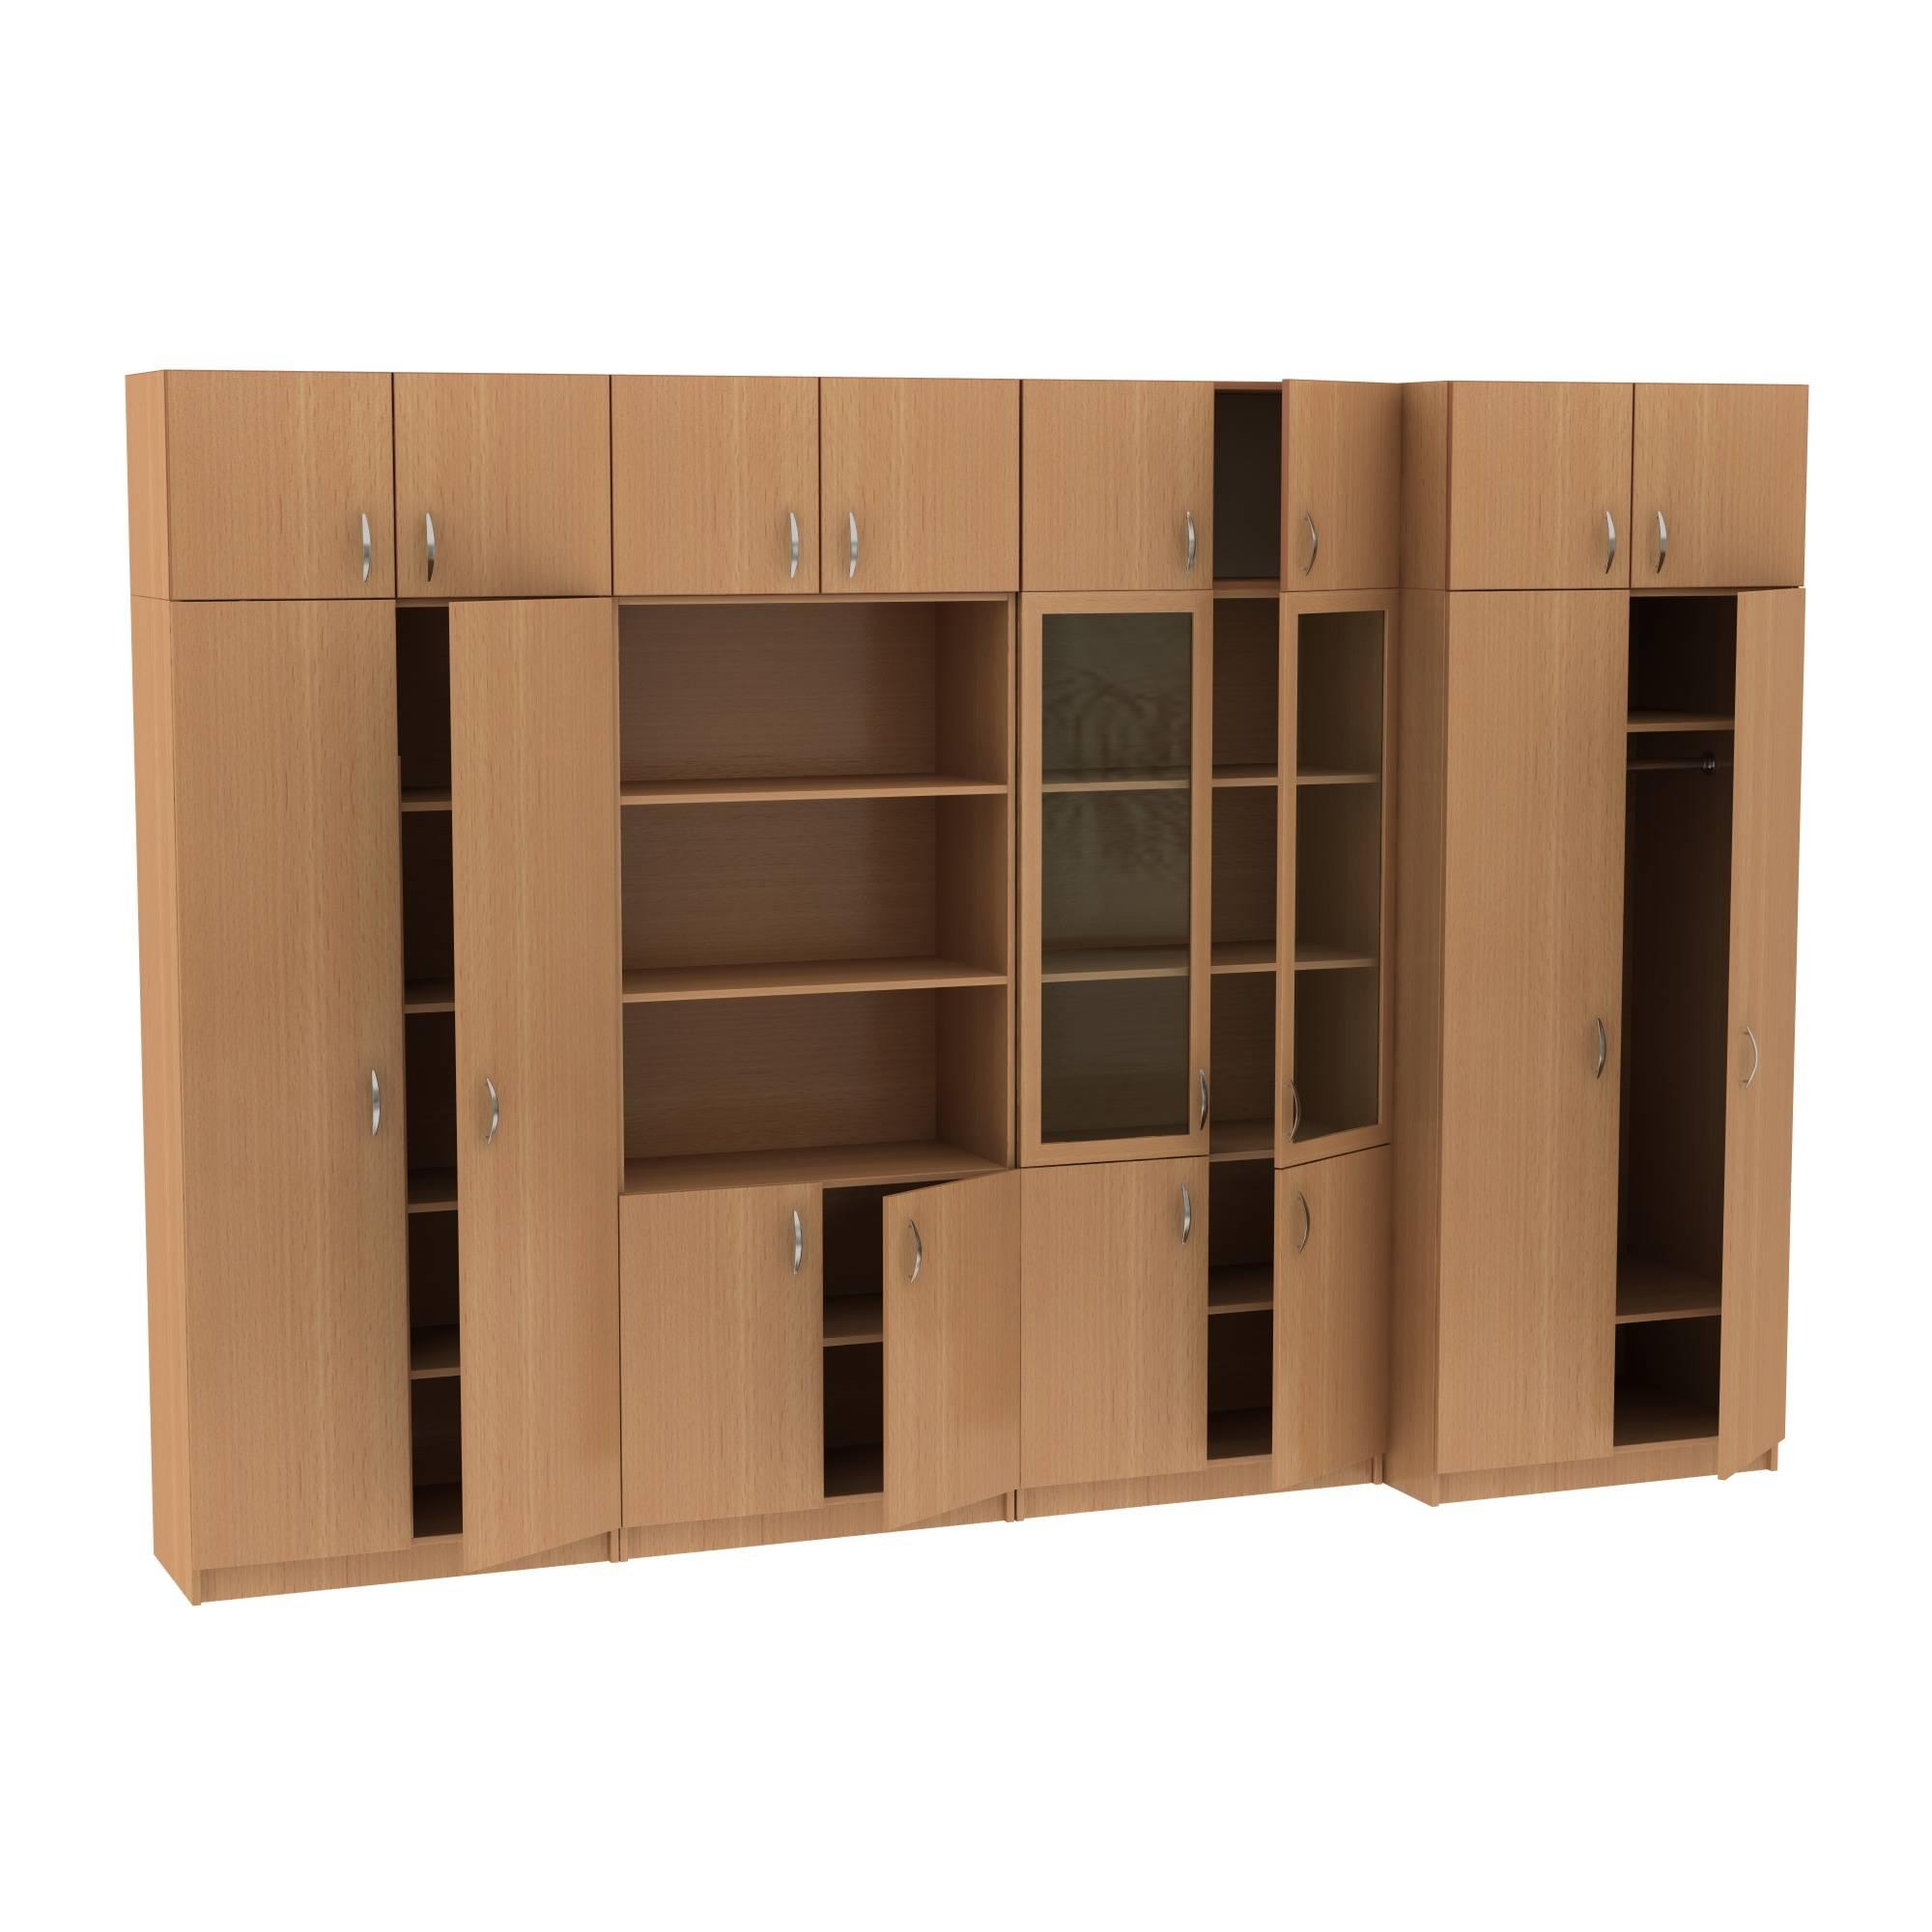 Секция из четырех шкафов МТ 14-34-8 Бук